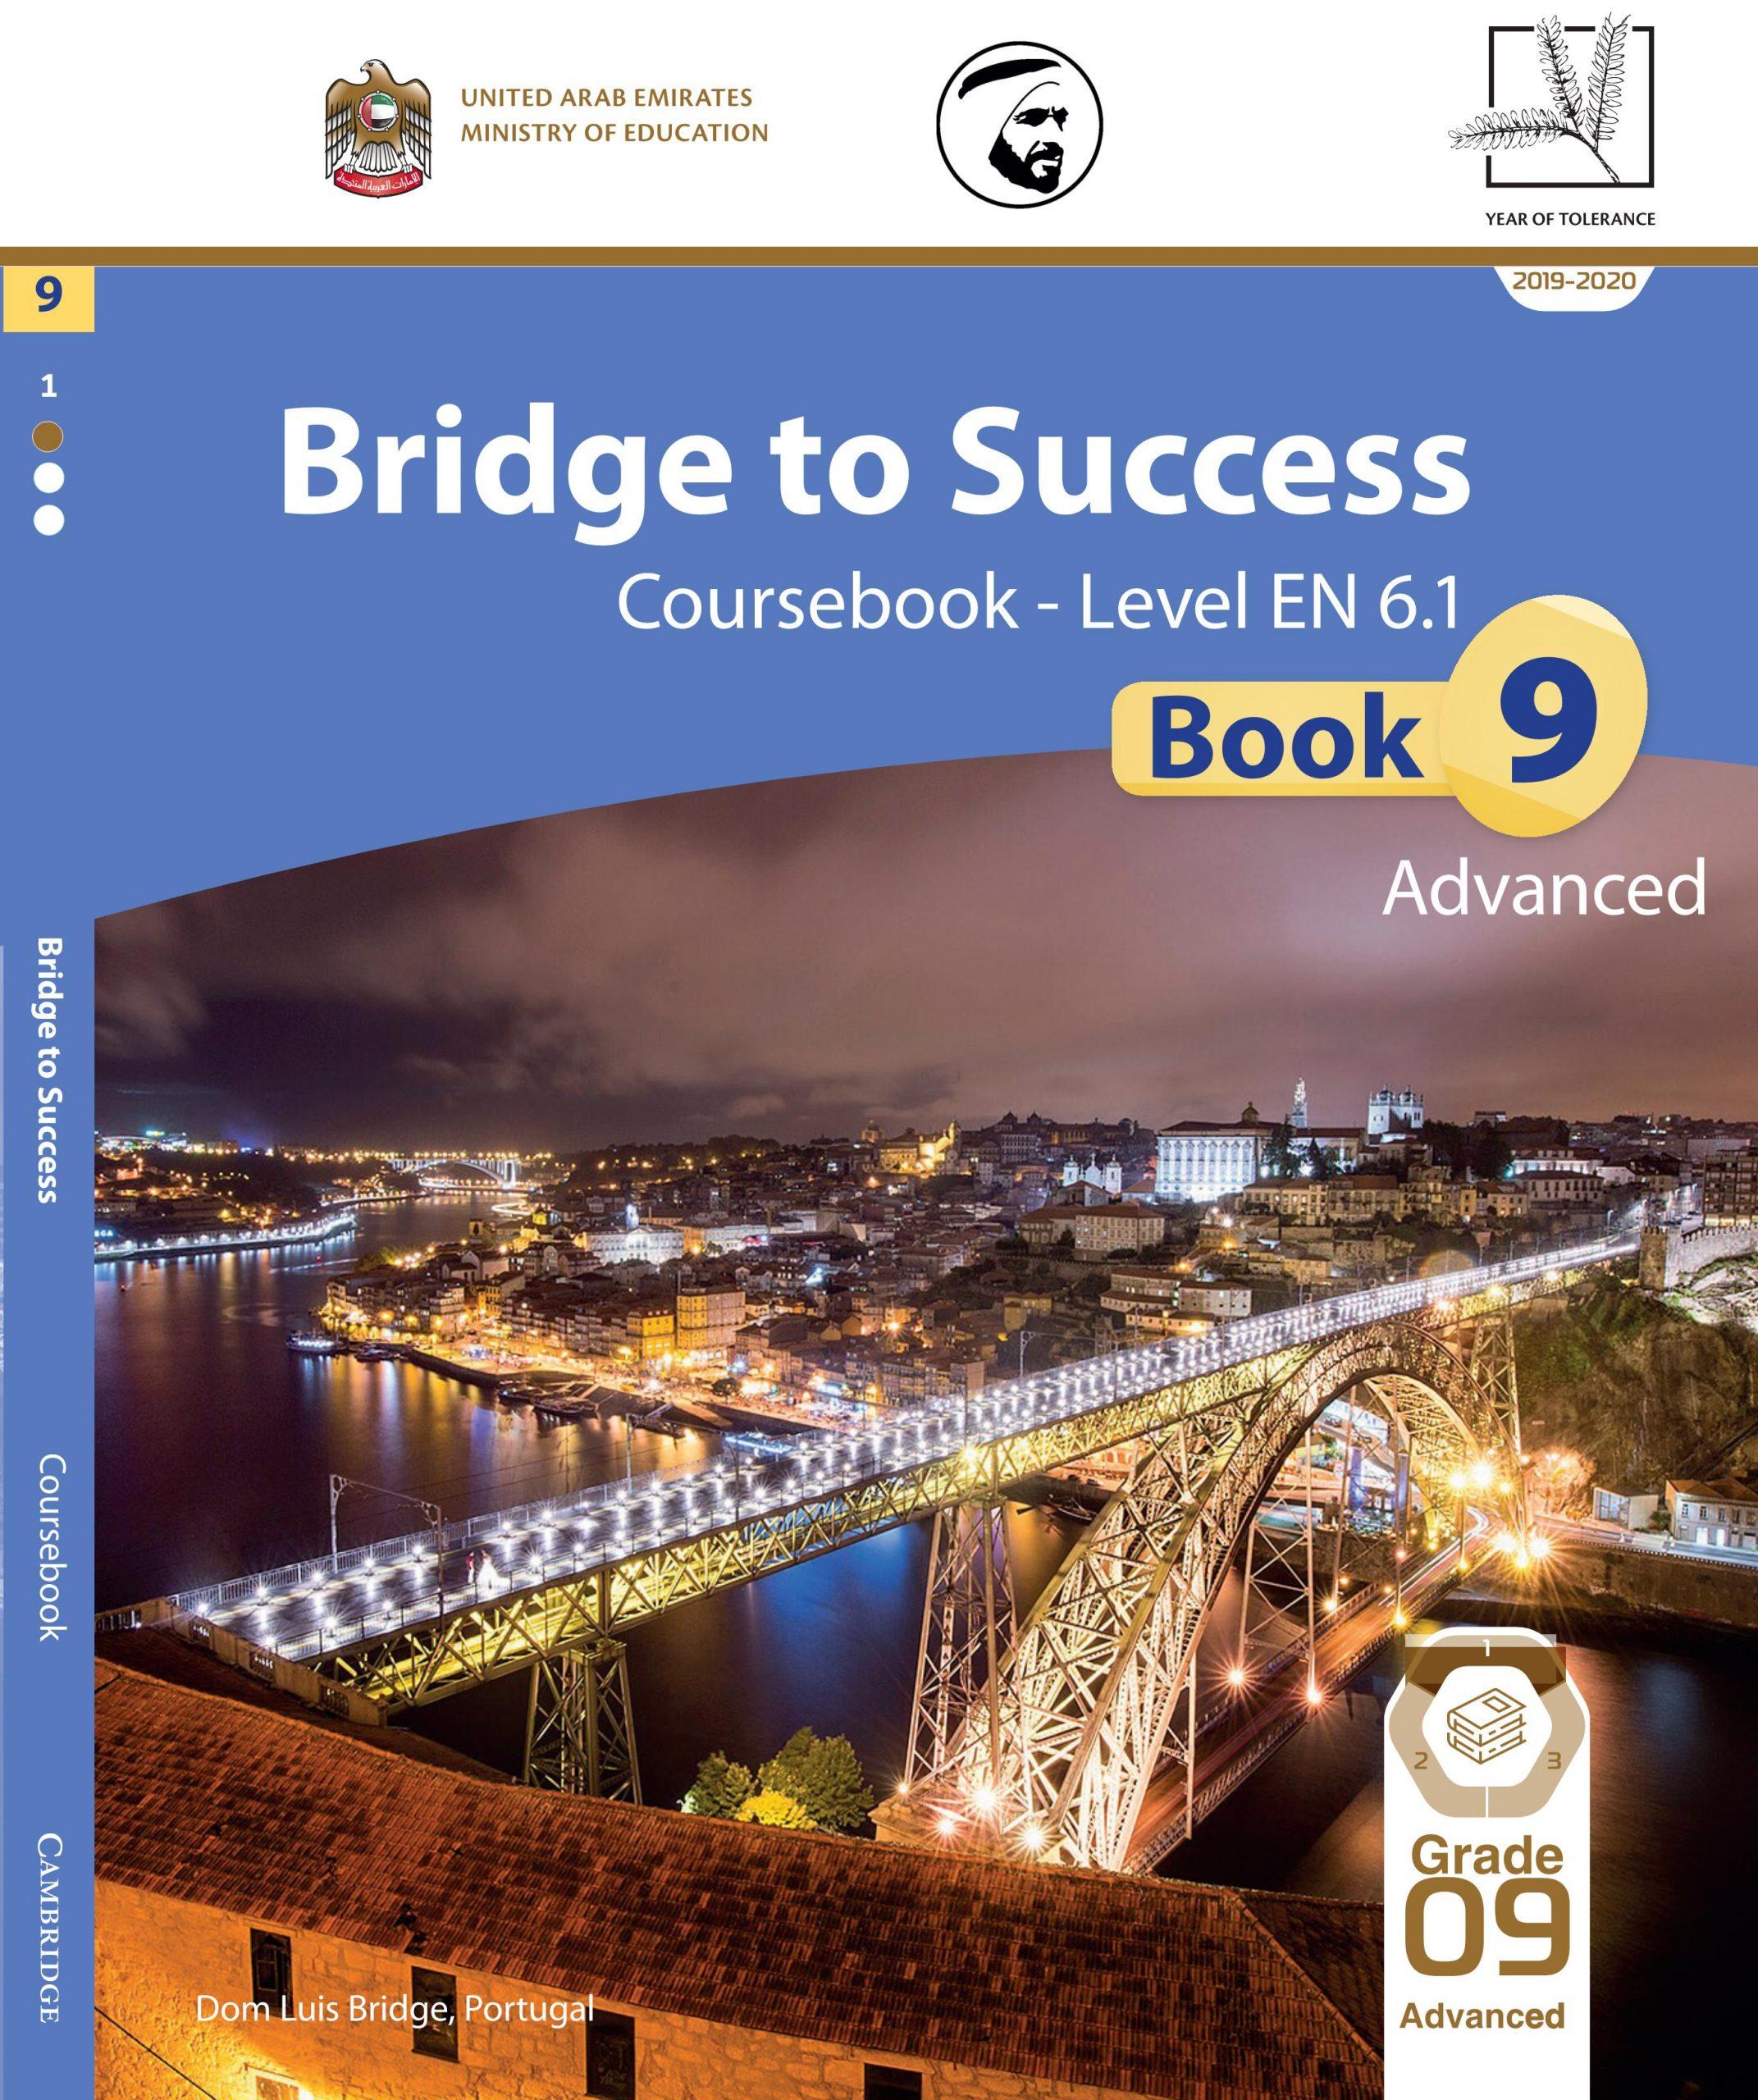 Bridge to Success كتاب الطالب الفصل الدراسي الاول الصف التاسع متقدم مادة اللغة الانجليزية